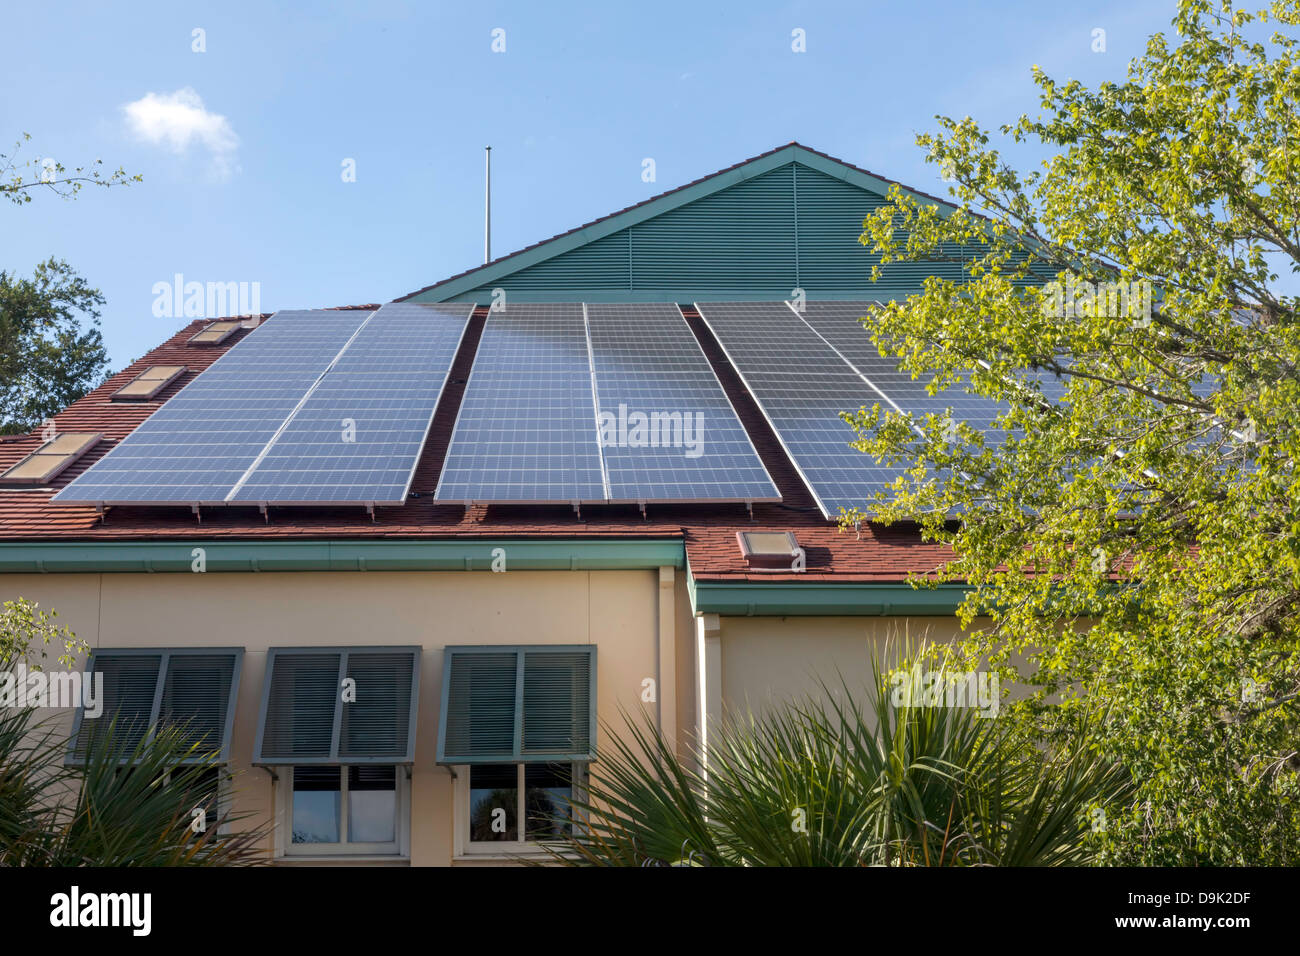 Paneles solares en el techo de la rama principal de la Biblioteca del Condado de Alachua en Gainesville, la Florida. Imagen De Stock